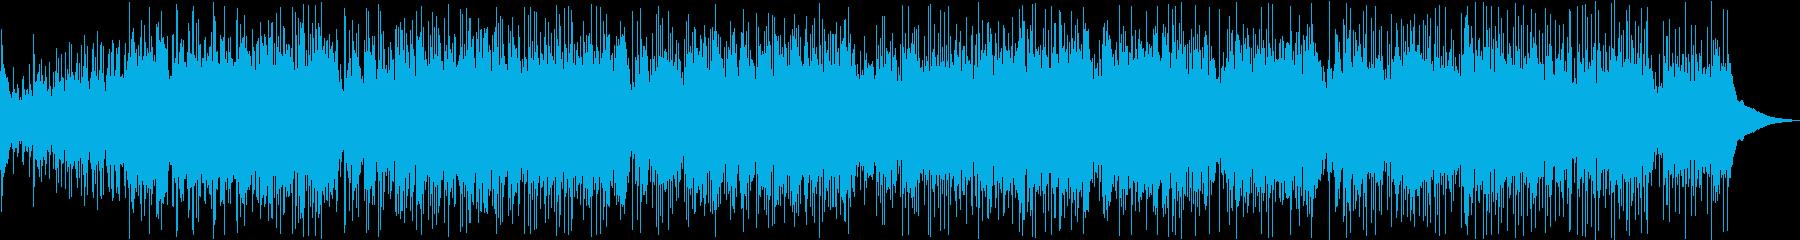 アコギの音色が耳に優しいフォークロックの再生済みの波形